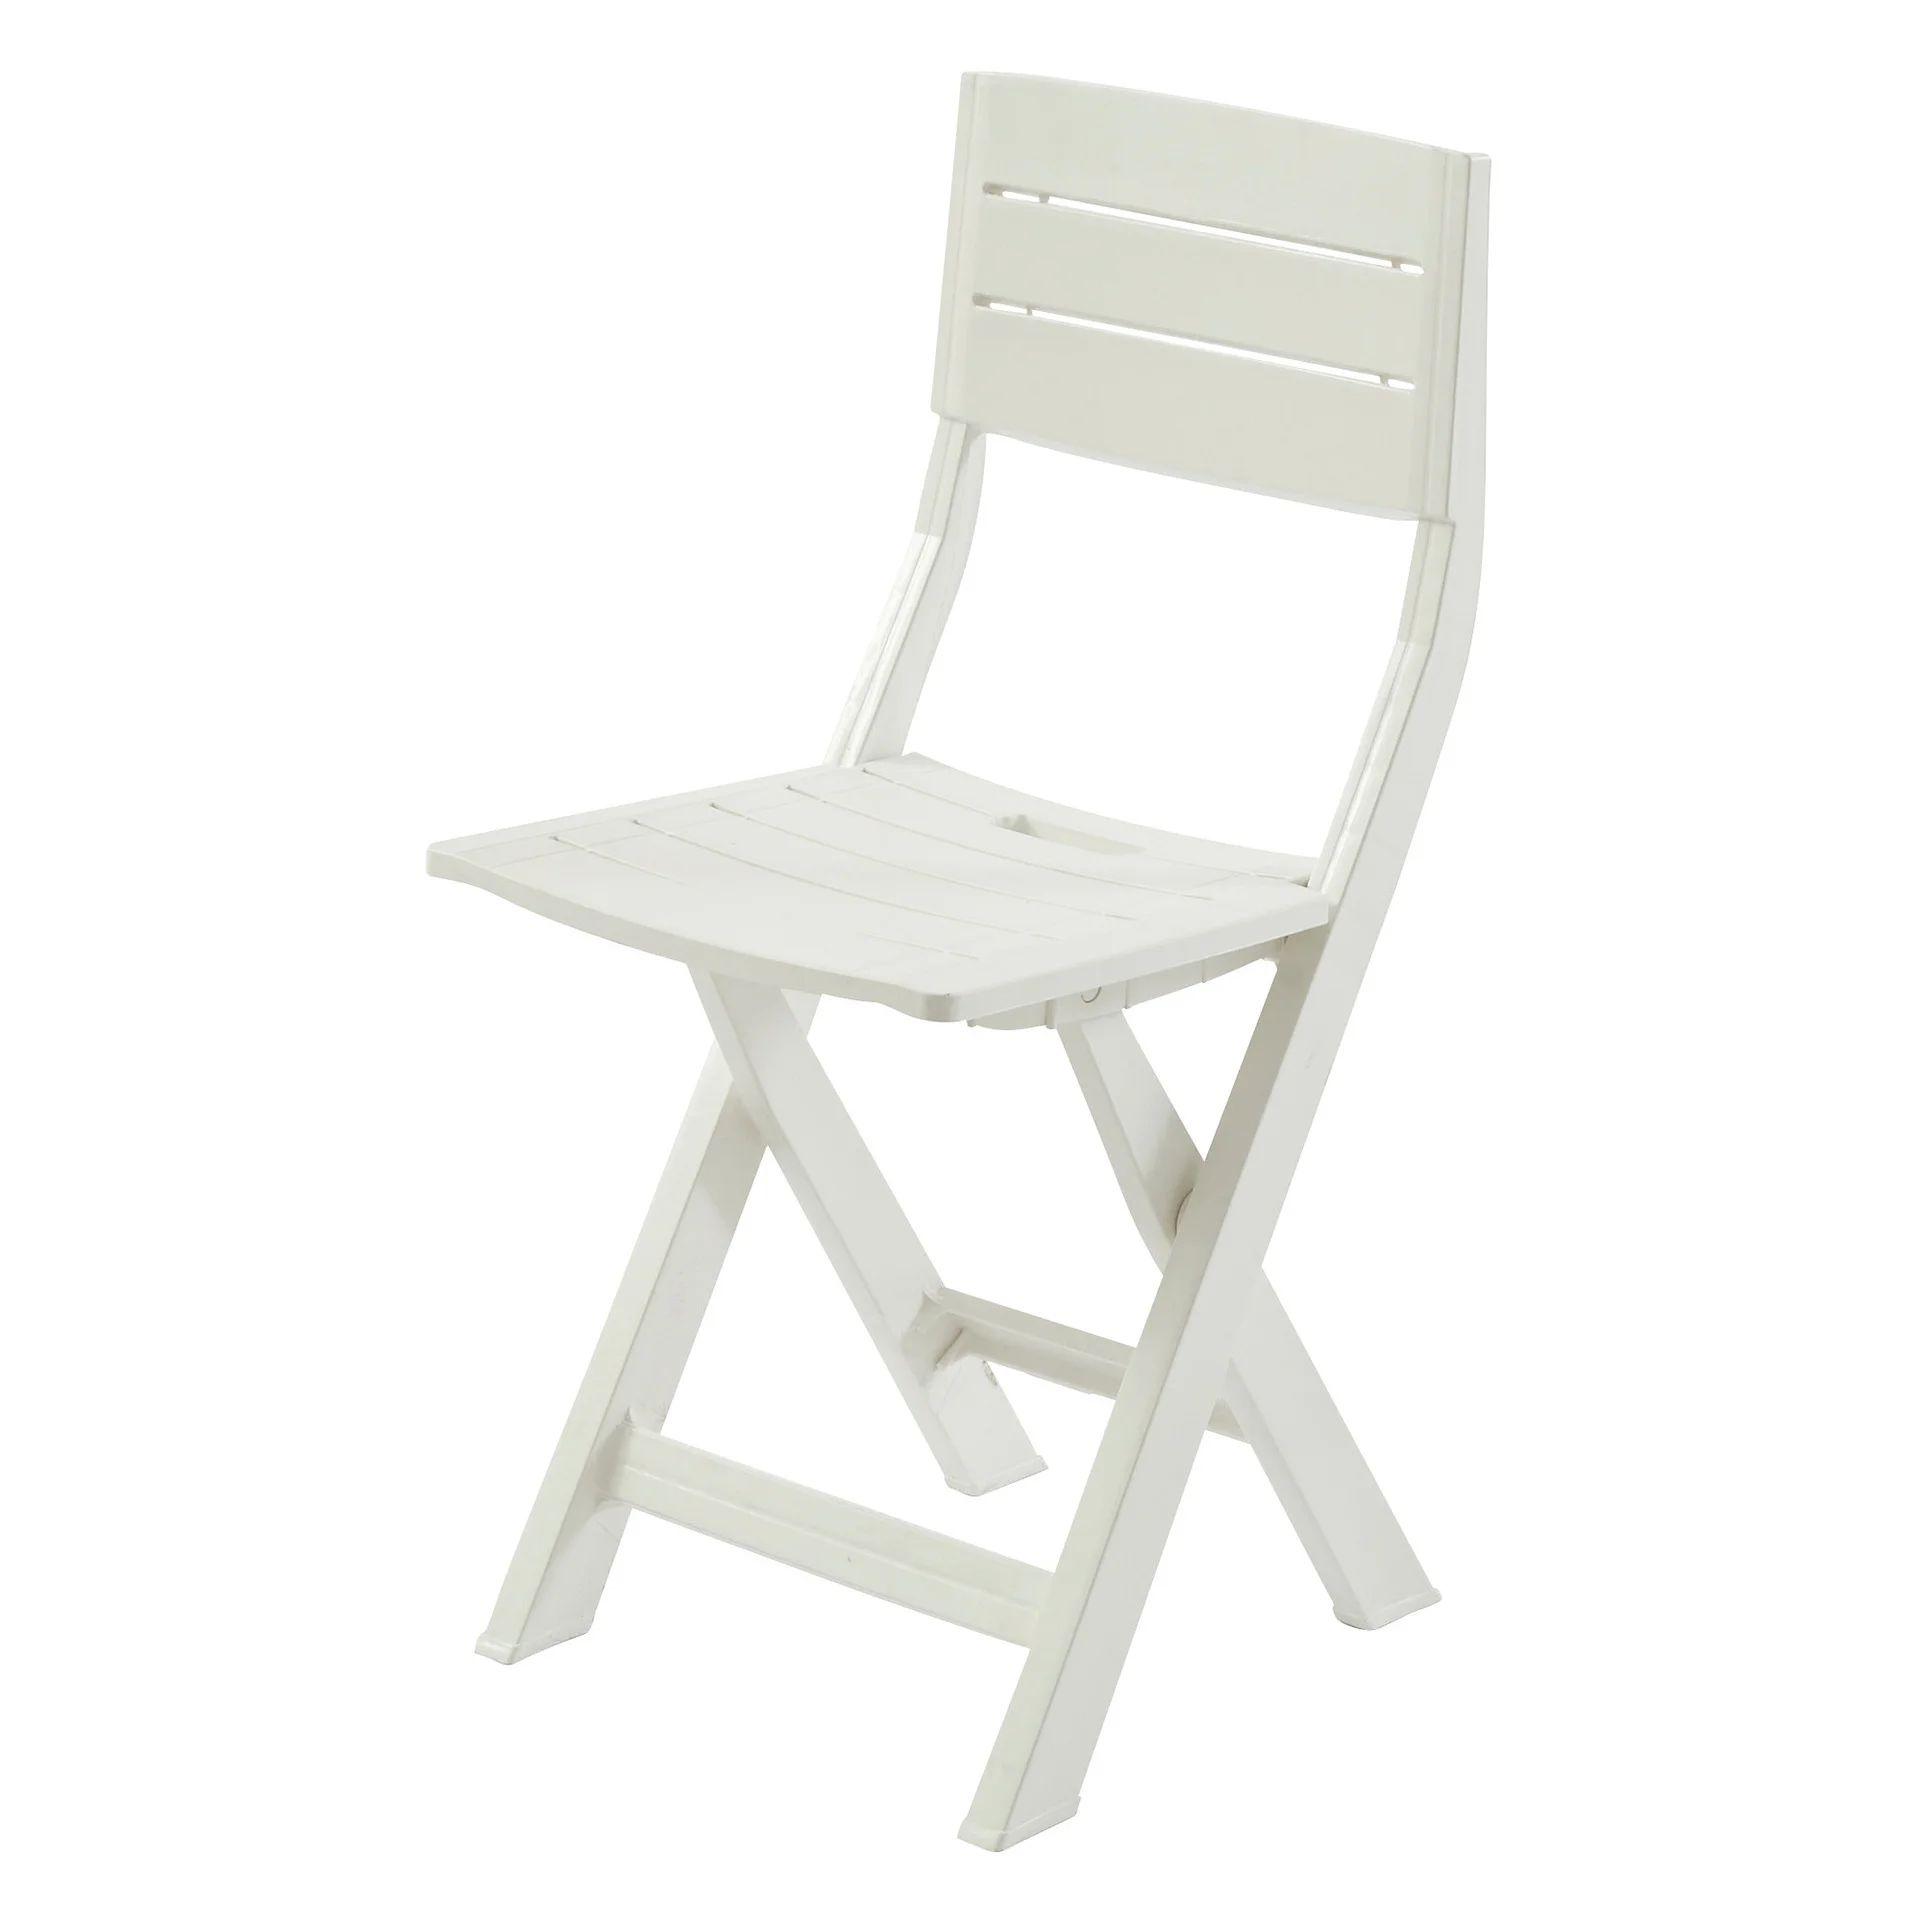 chaise de jardin en resine injectee gilda blanc